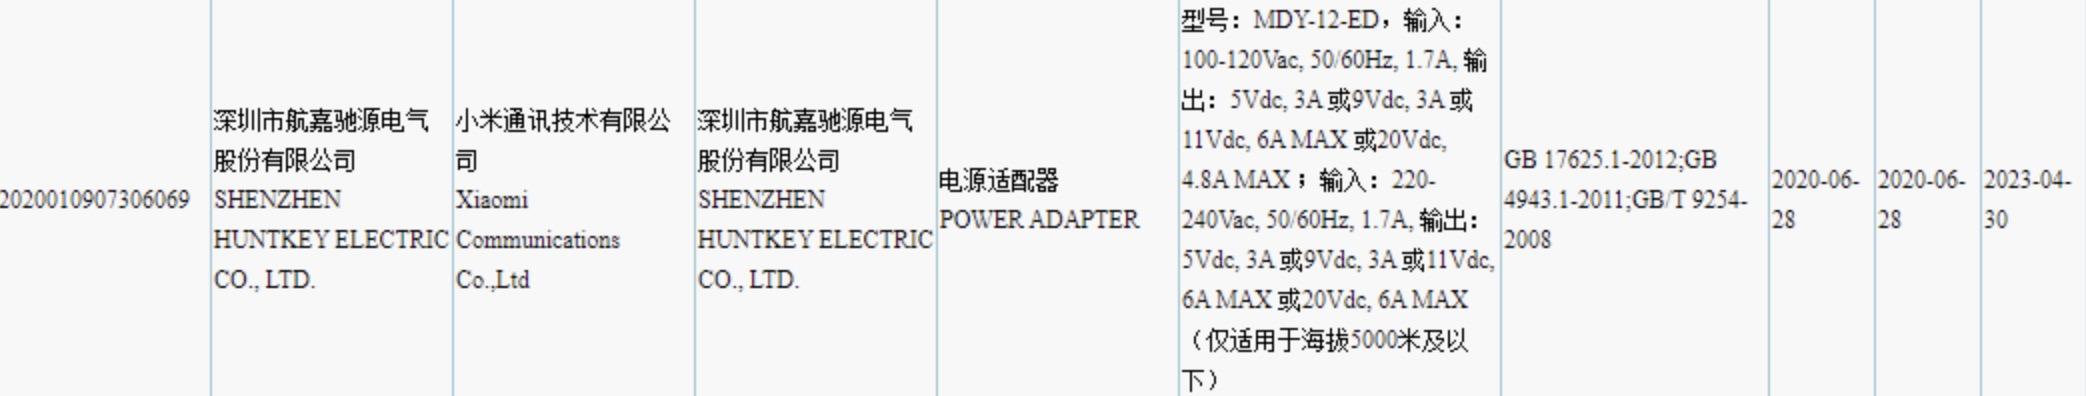 Certificação de carregador com 120W de potência da Xiaomi.